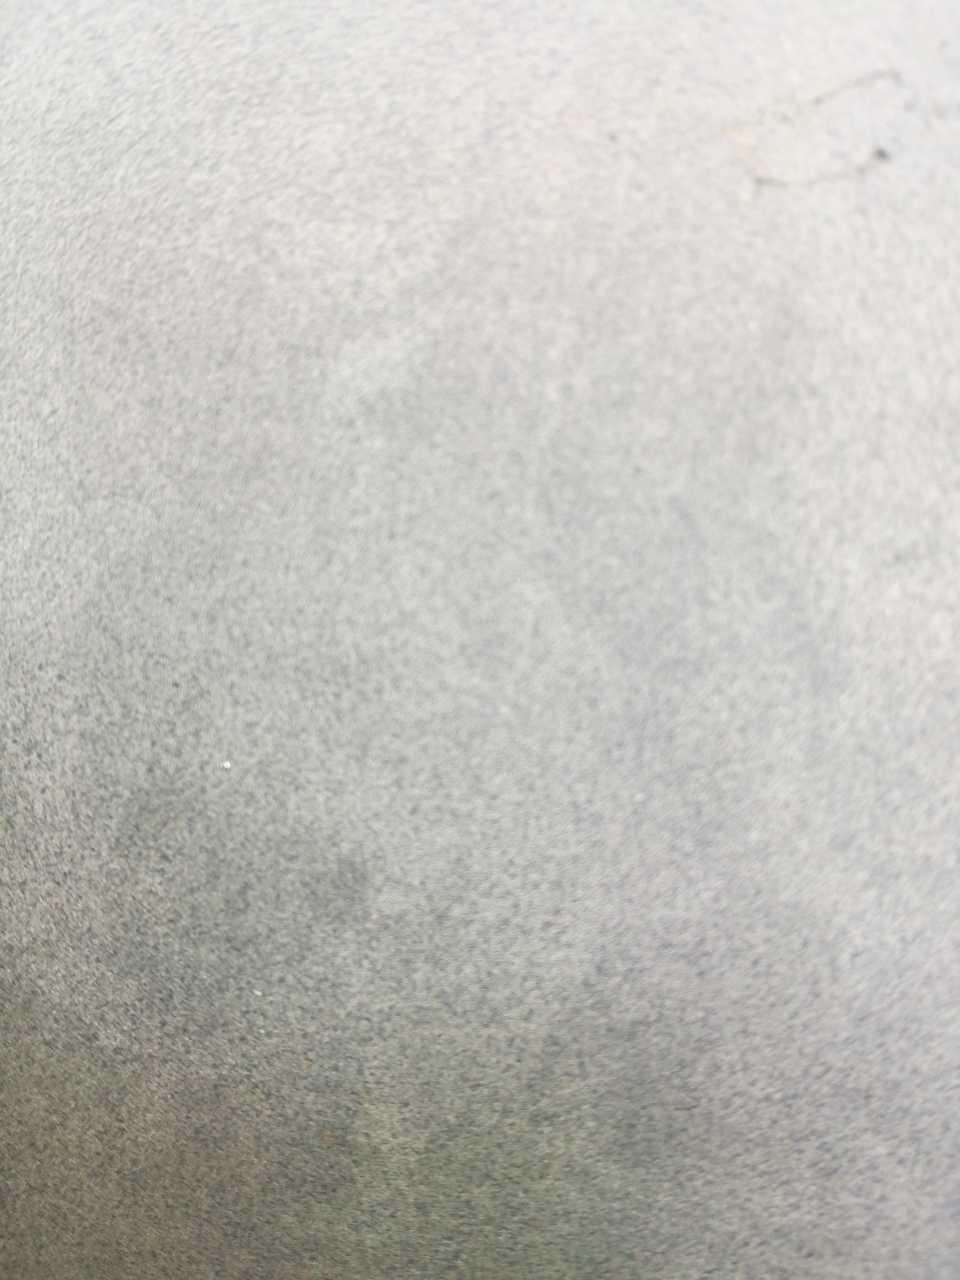 来自杨**发布的供应信息:... - 致好皮革鞋材(惠州)有限公司